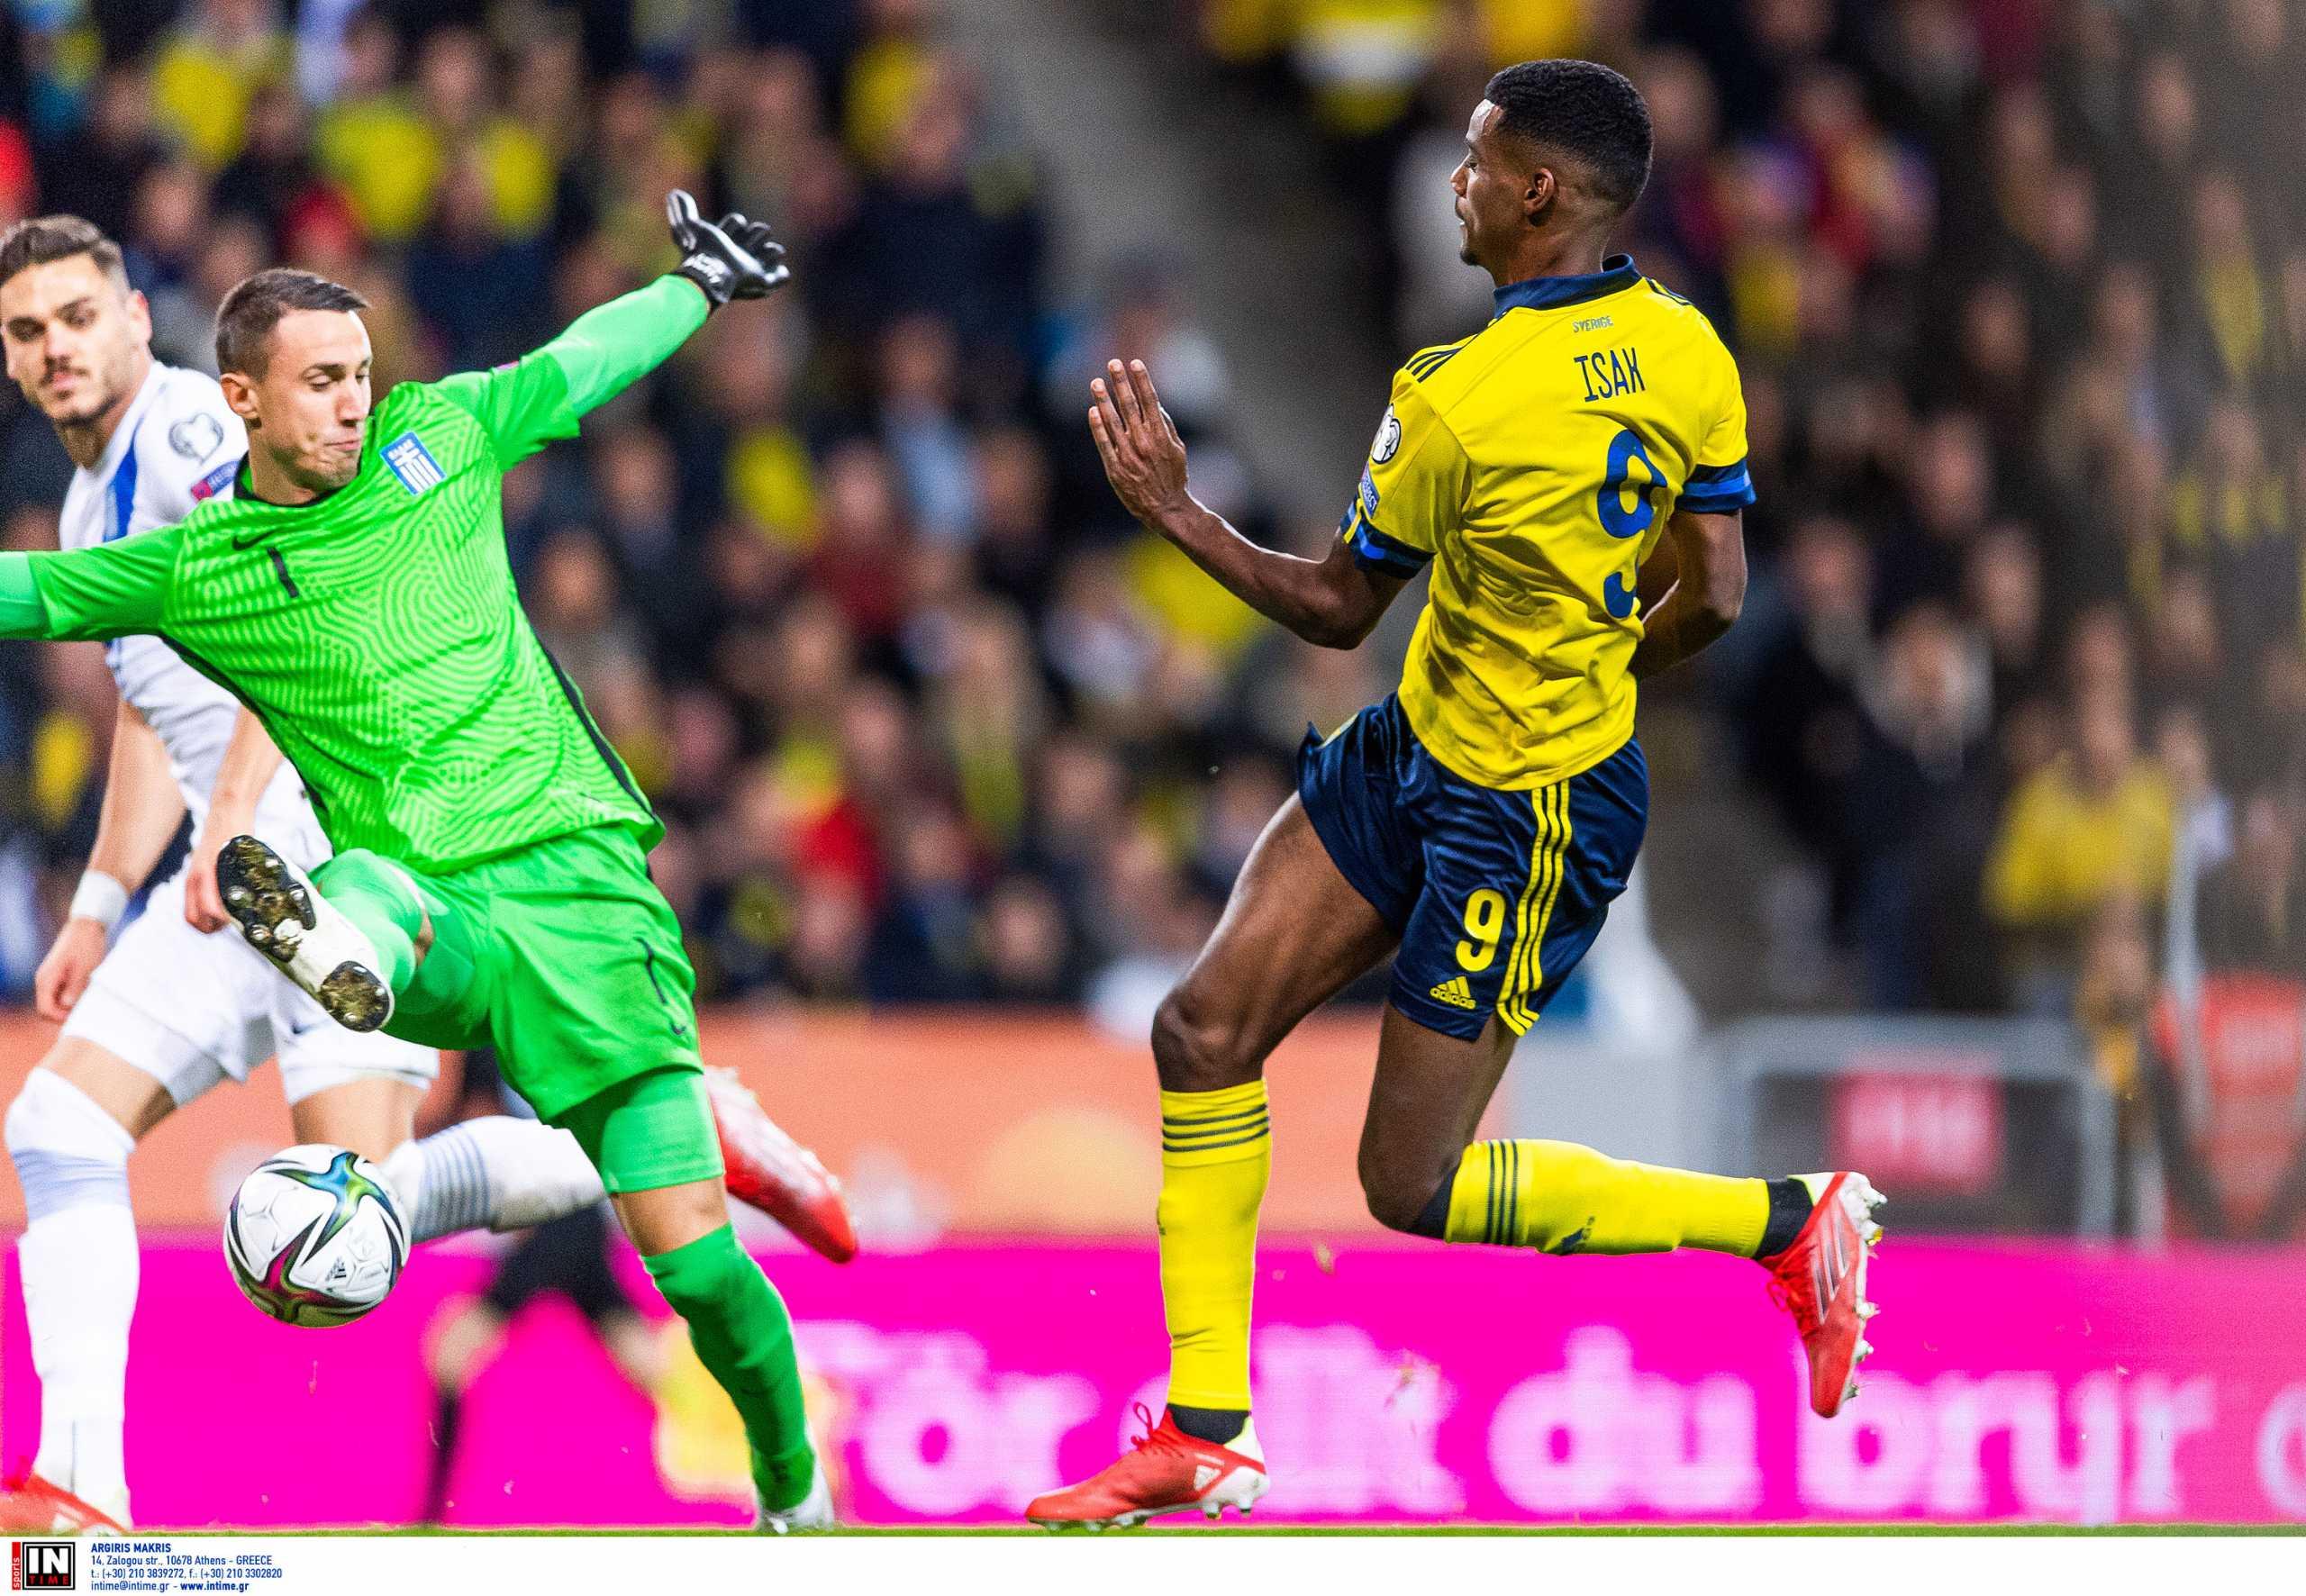 Προκριματικά Μουντιάλ 2022, Σουηδία – Ελλάδα 2-0: Τα highlights της ήττας στην Στοκχόλμη